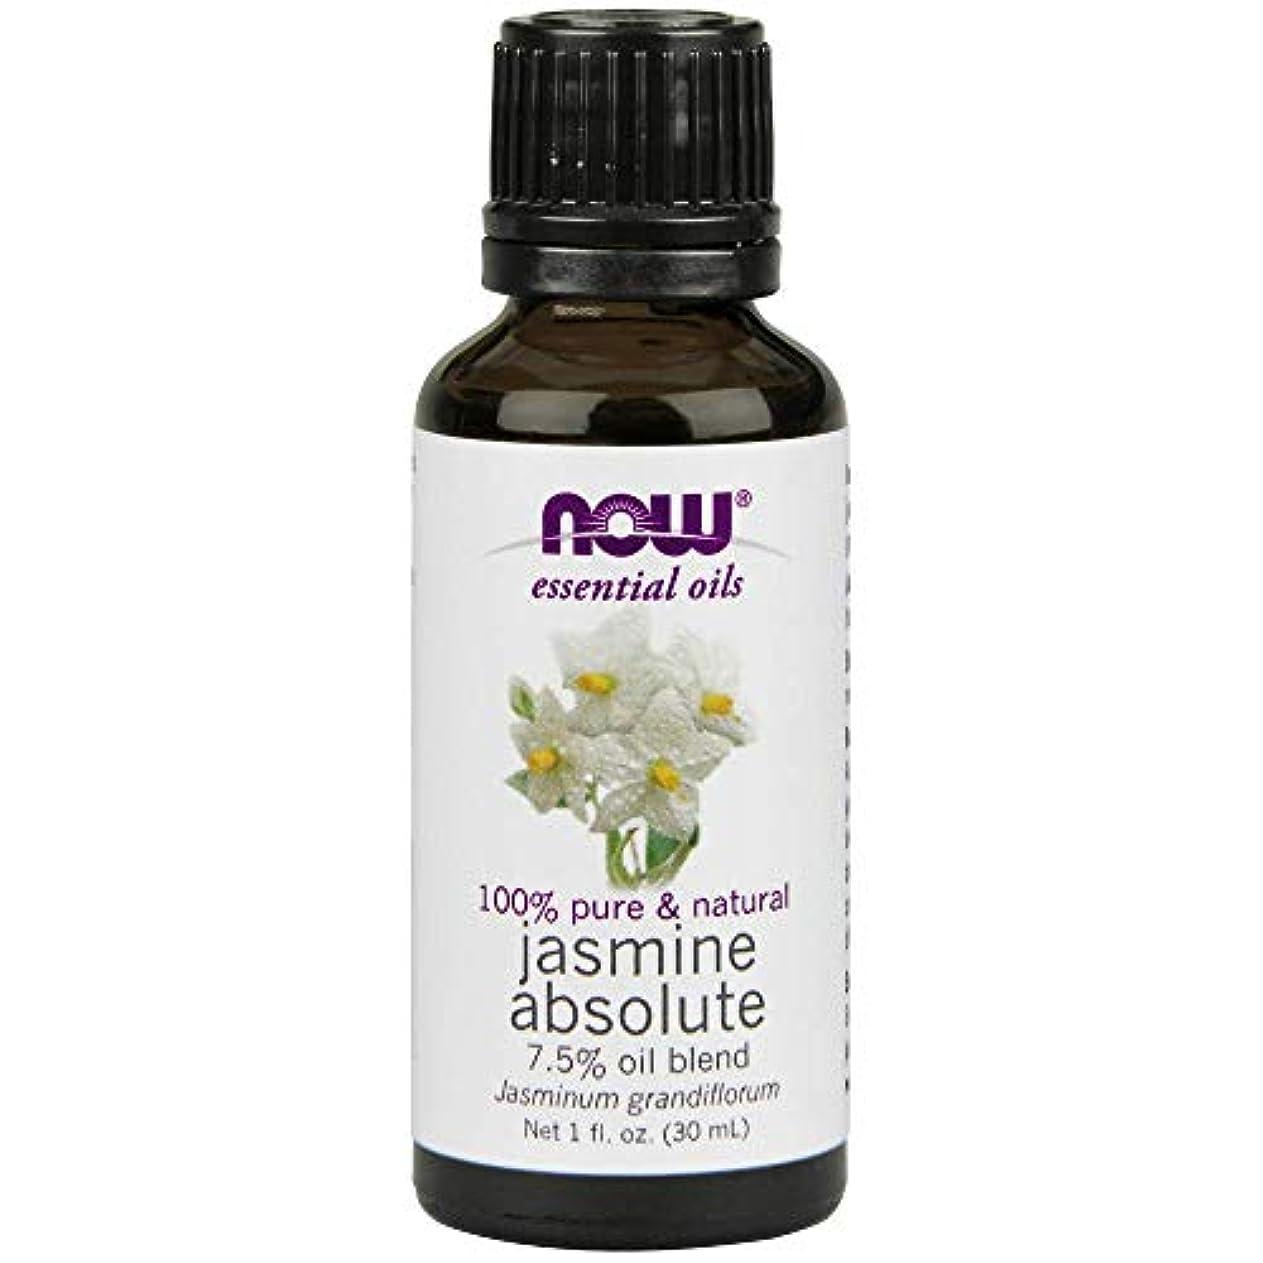 三相談リスキーなNow - Jasmine Absolute Oil 7.5% Oil Blend 1 oz (30 ml) [並行輸入品]